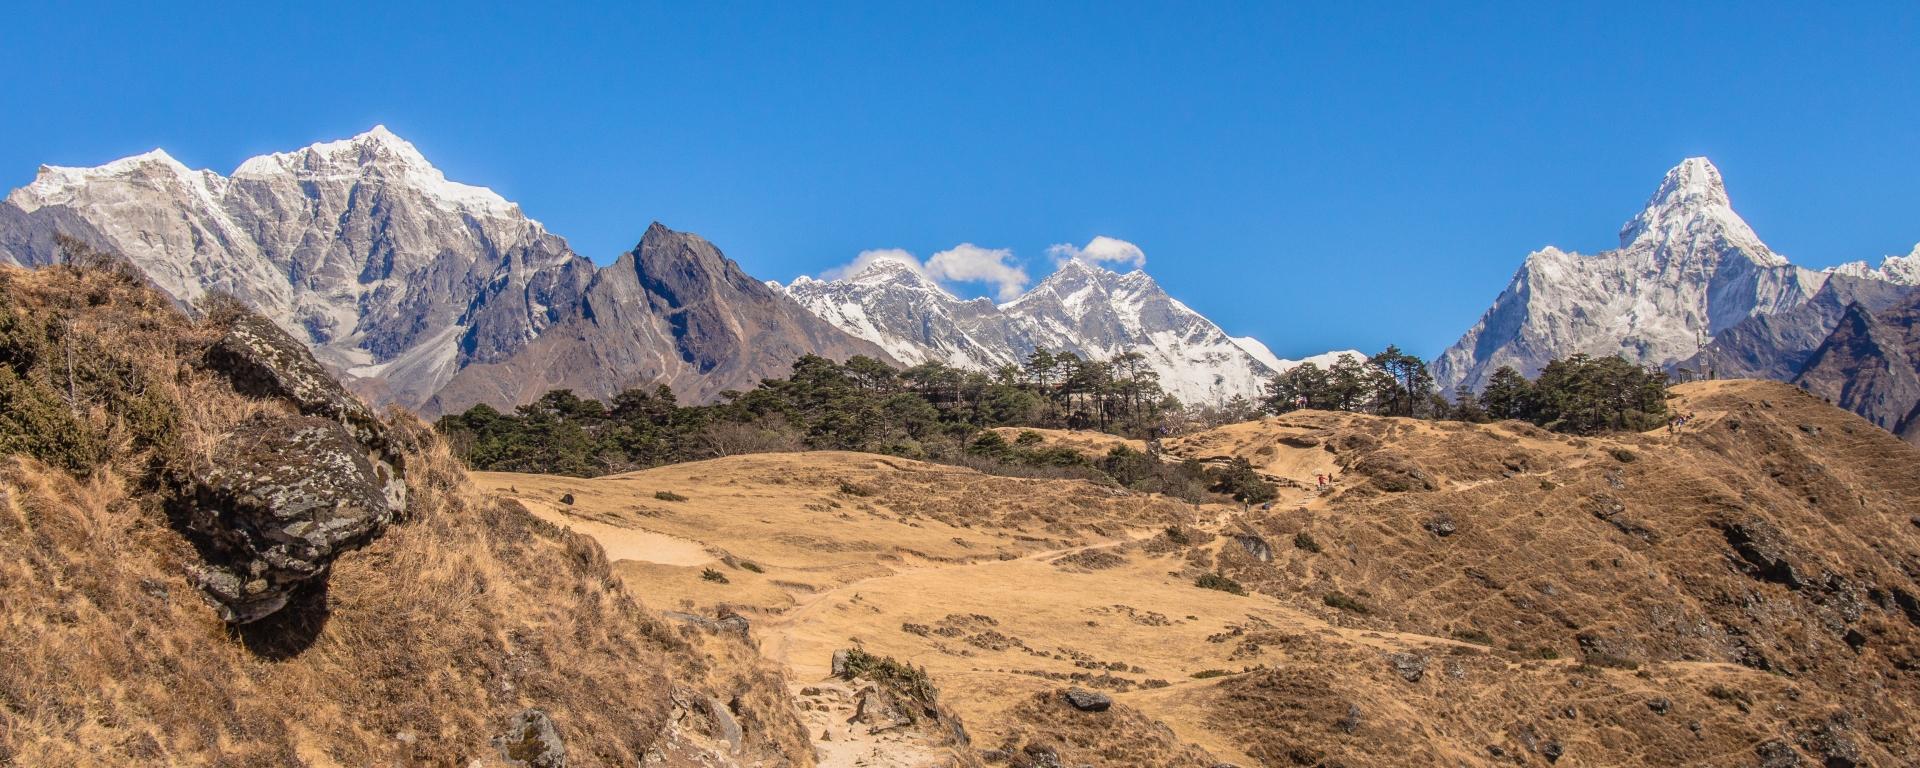 Everest,Lhotse, Ama Dablam